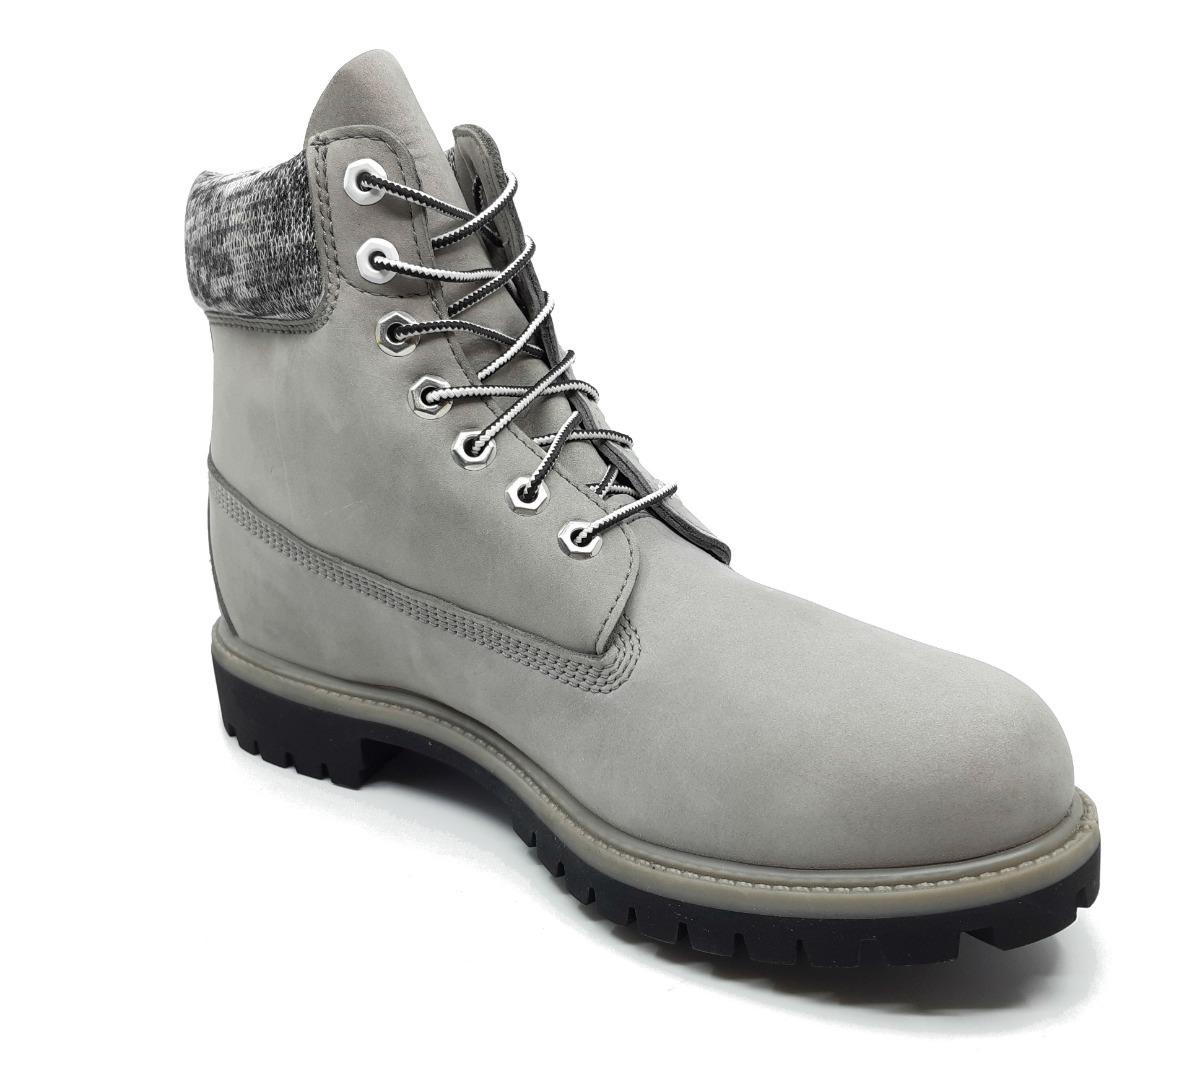 0a8265ef73e98 botas timberland nuevas originales de hombre a1517. Cargando zoom.